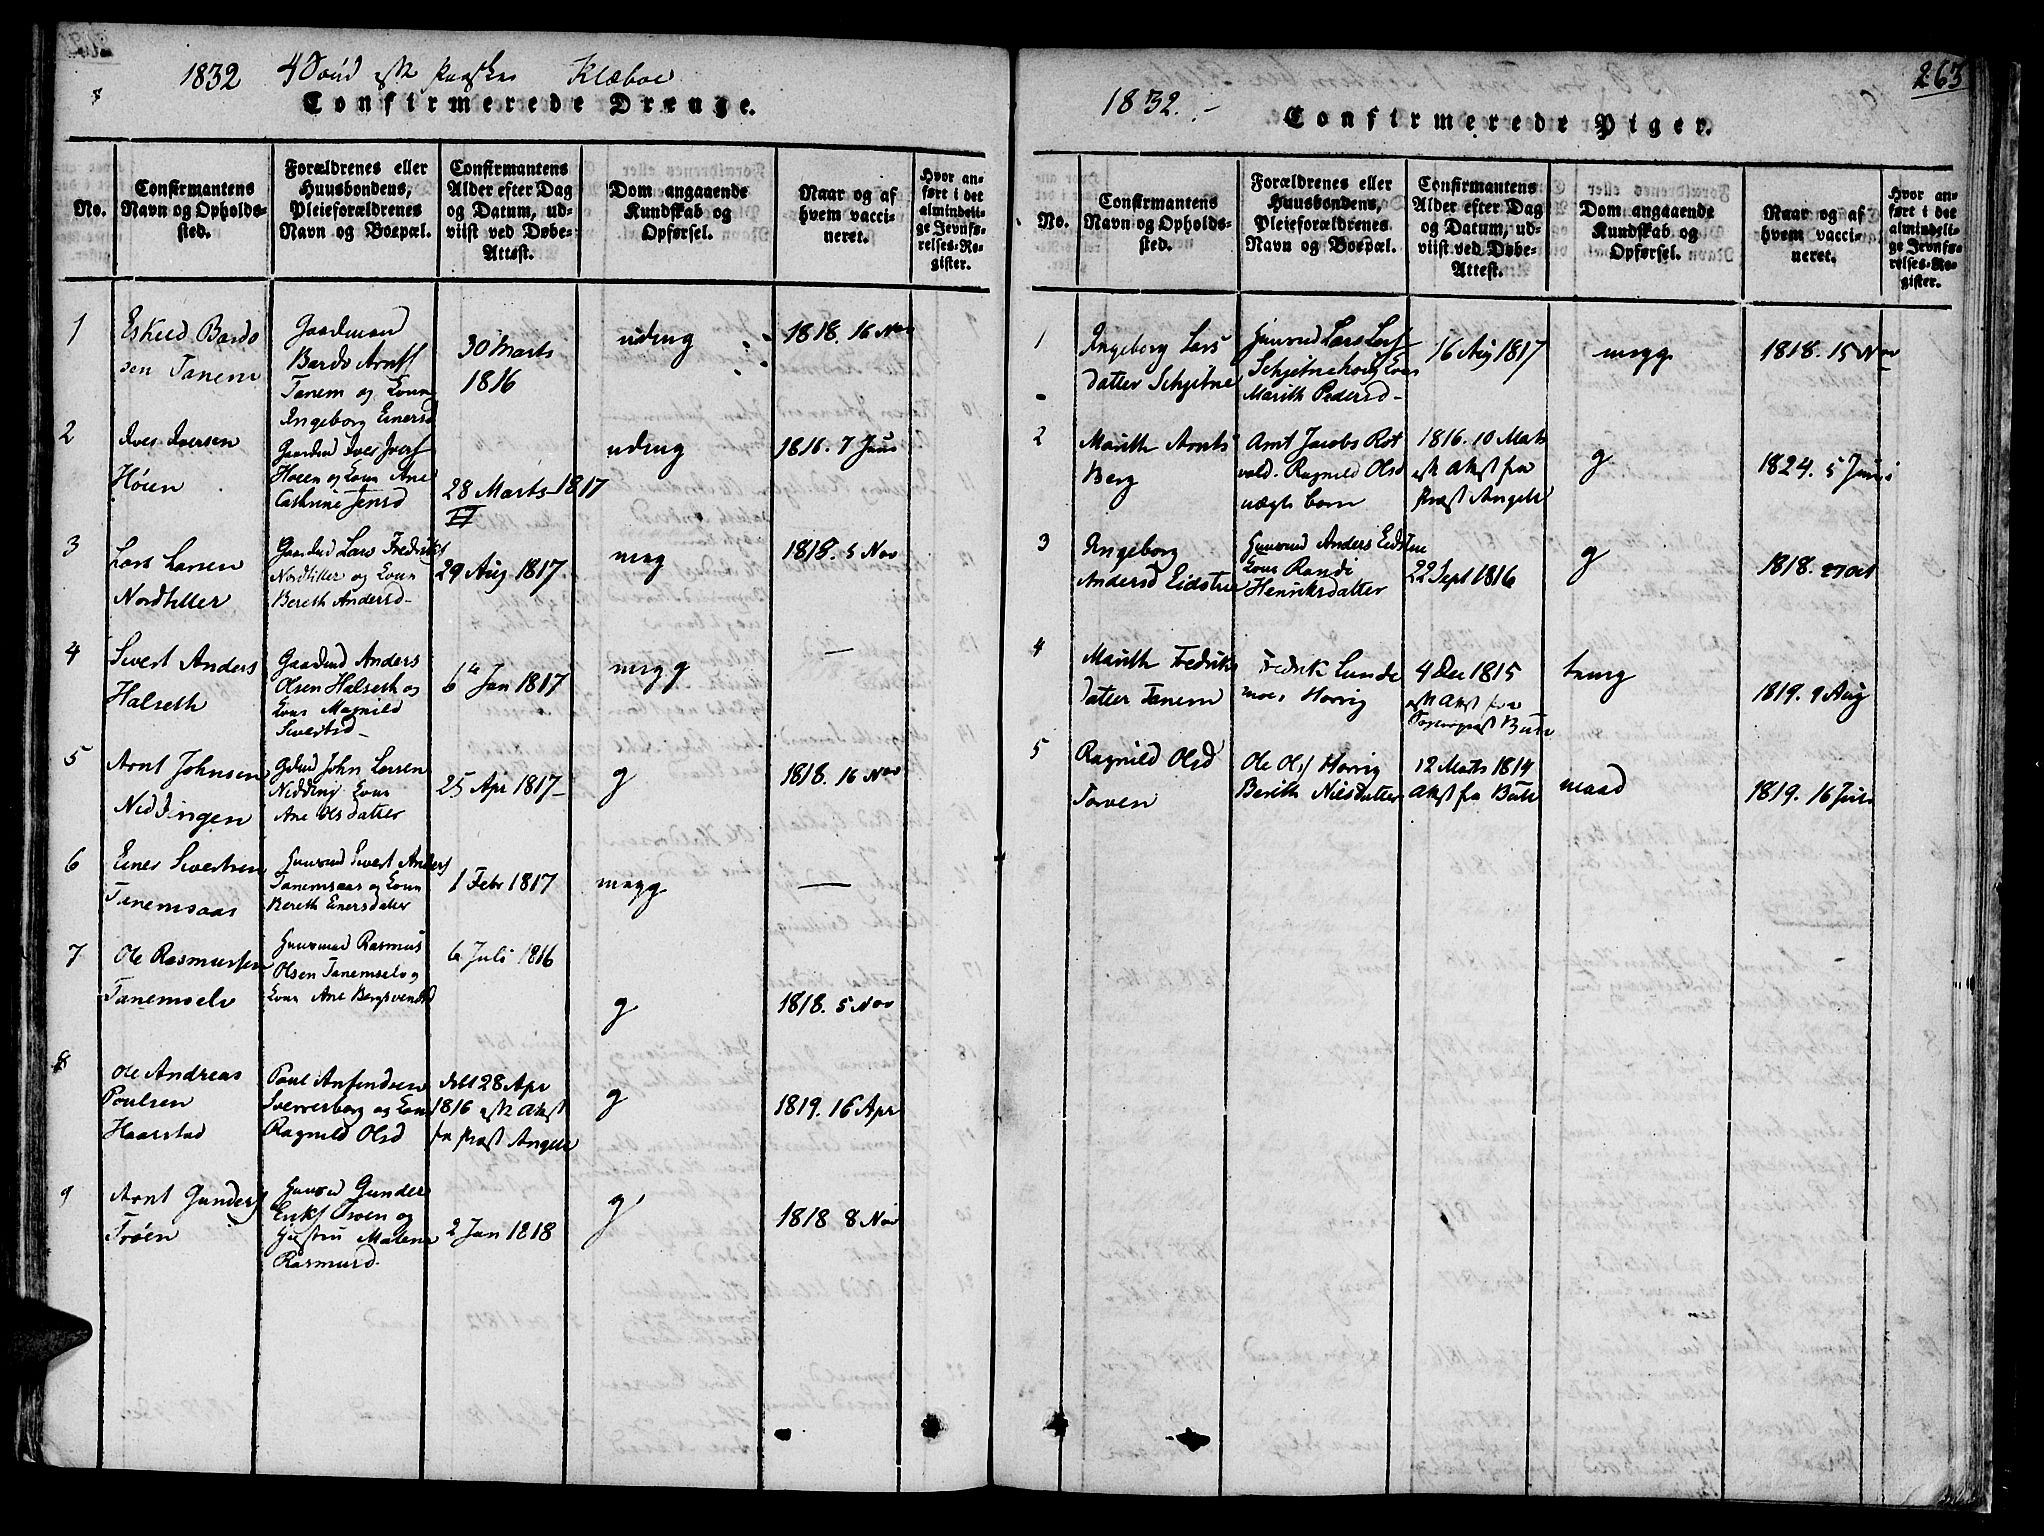 SAT, Ministerialprotokoller, klokkerbøker og fødselsregistre - Sør-Trøndelag, 618/L0439: Ministerialbok nr. 618A04 /1, 1816-1843, s. 263